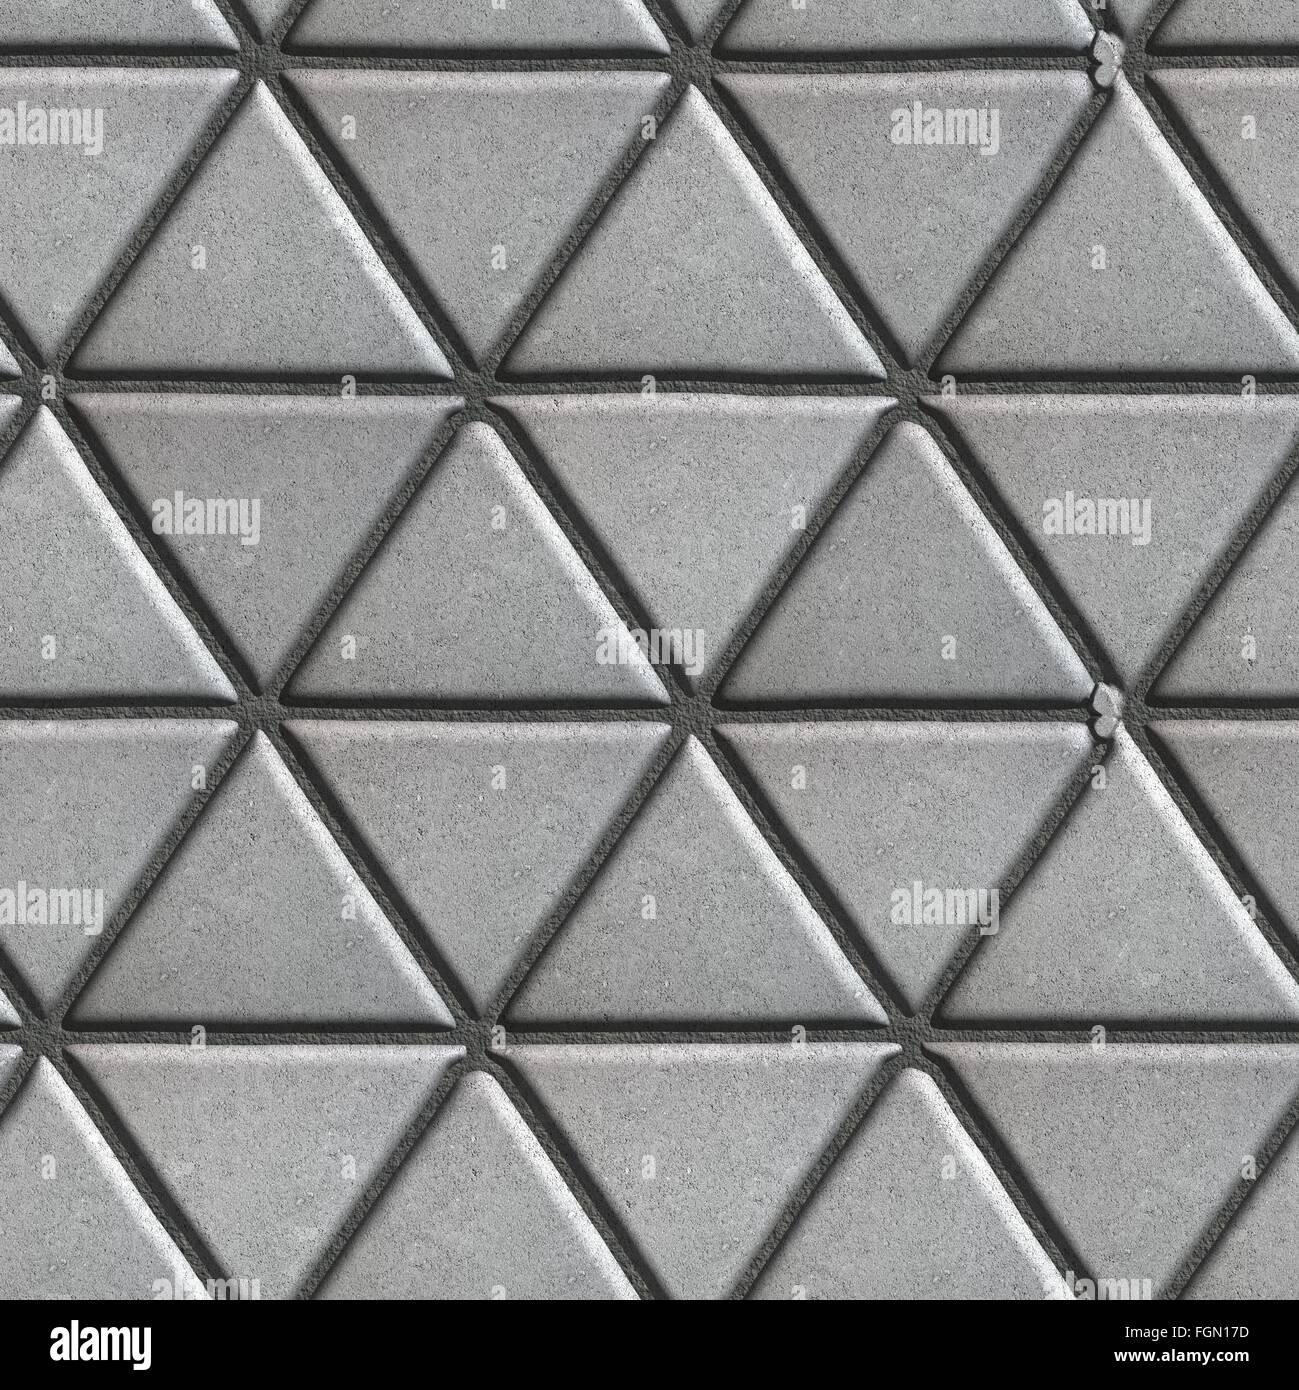 graue pflastersteine muster aus kleinen dreiecken stockfoto bild 96348321 alamy. Black Bedroom Furniture Sets. Home Design Ideas